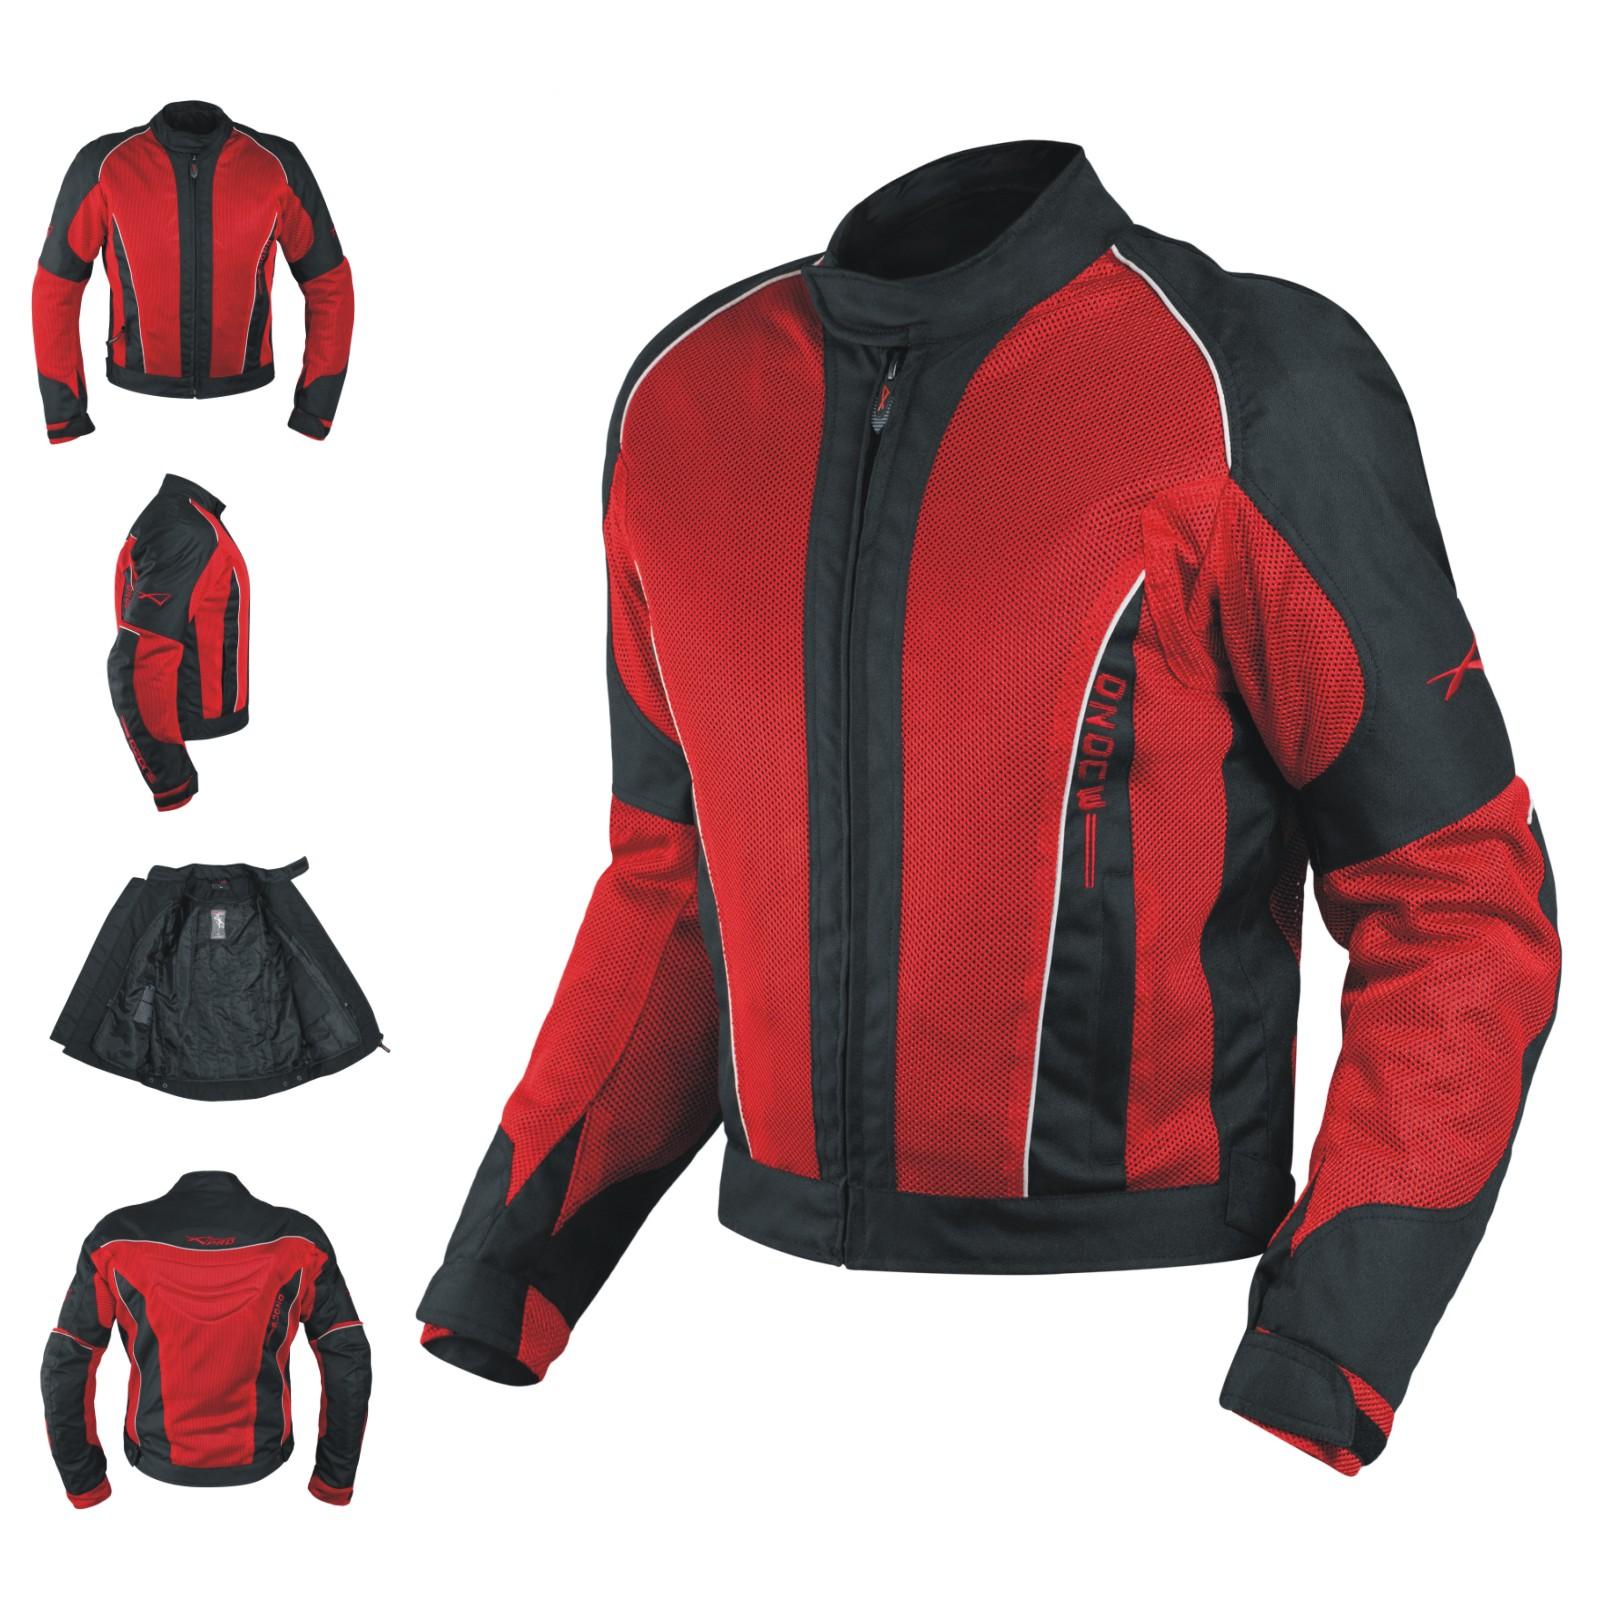 Ete-Blouson-Textile-Touring-Sport-Moto-Scooter-Mesh-Doublure-Impermeable